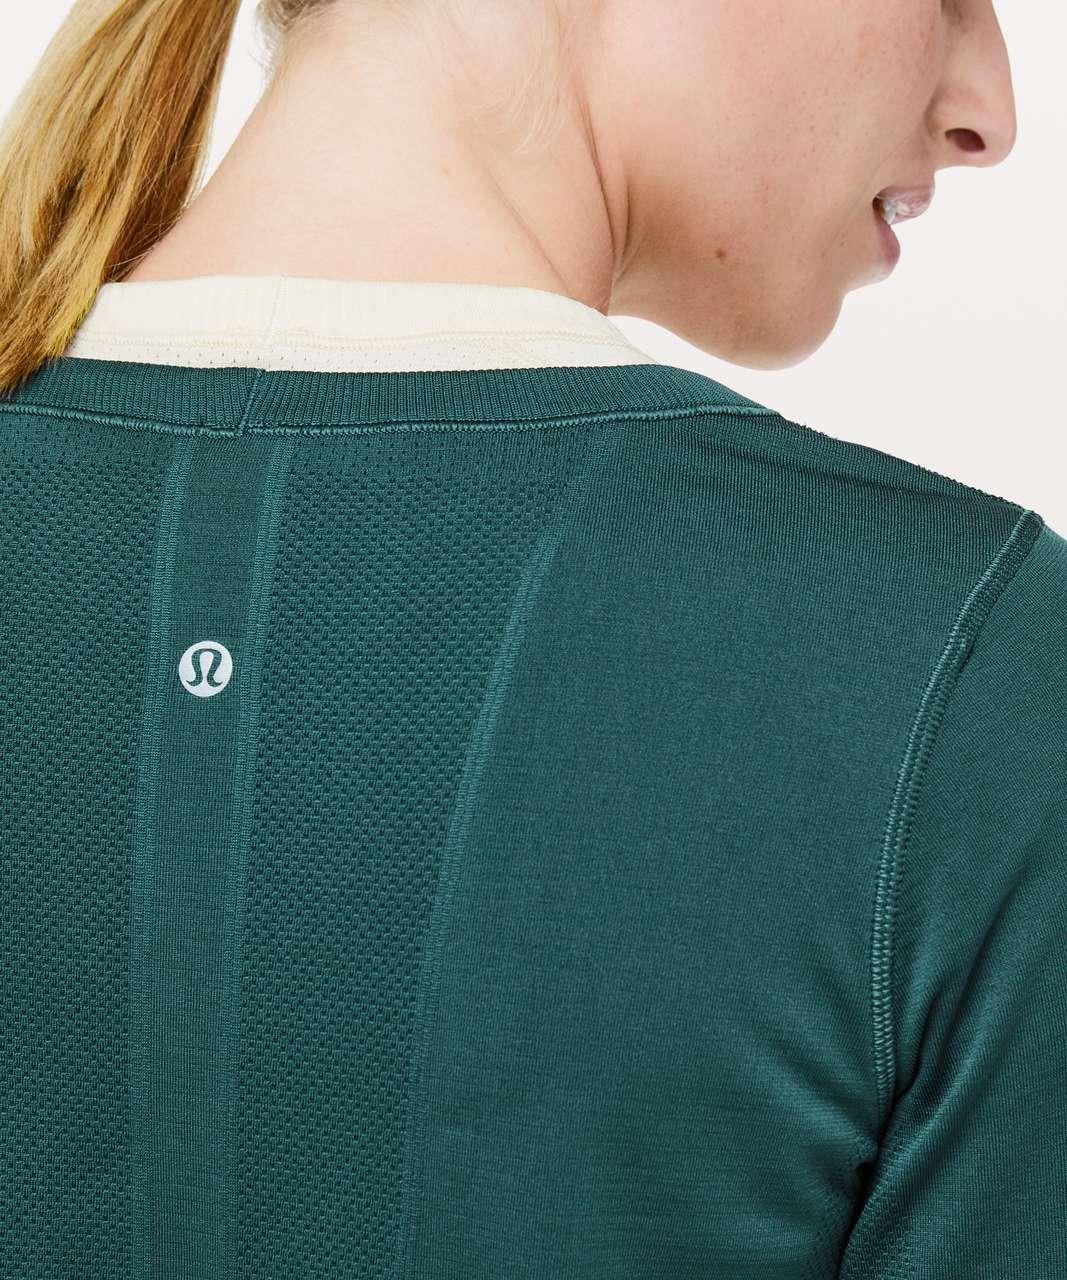 Lululemon Swiftly Tech Long Sleeve (Breeze) *Relaxed Fit - Green Jasper / Green Jasper